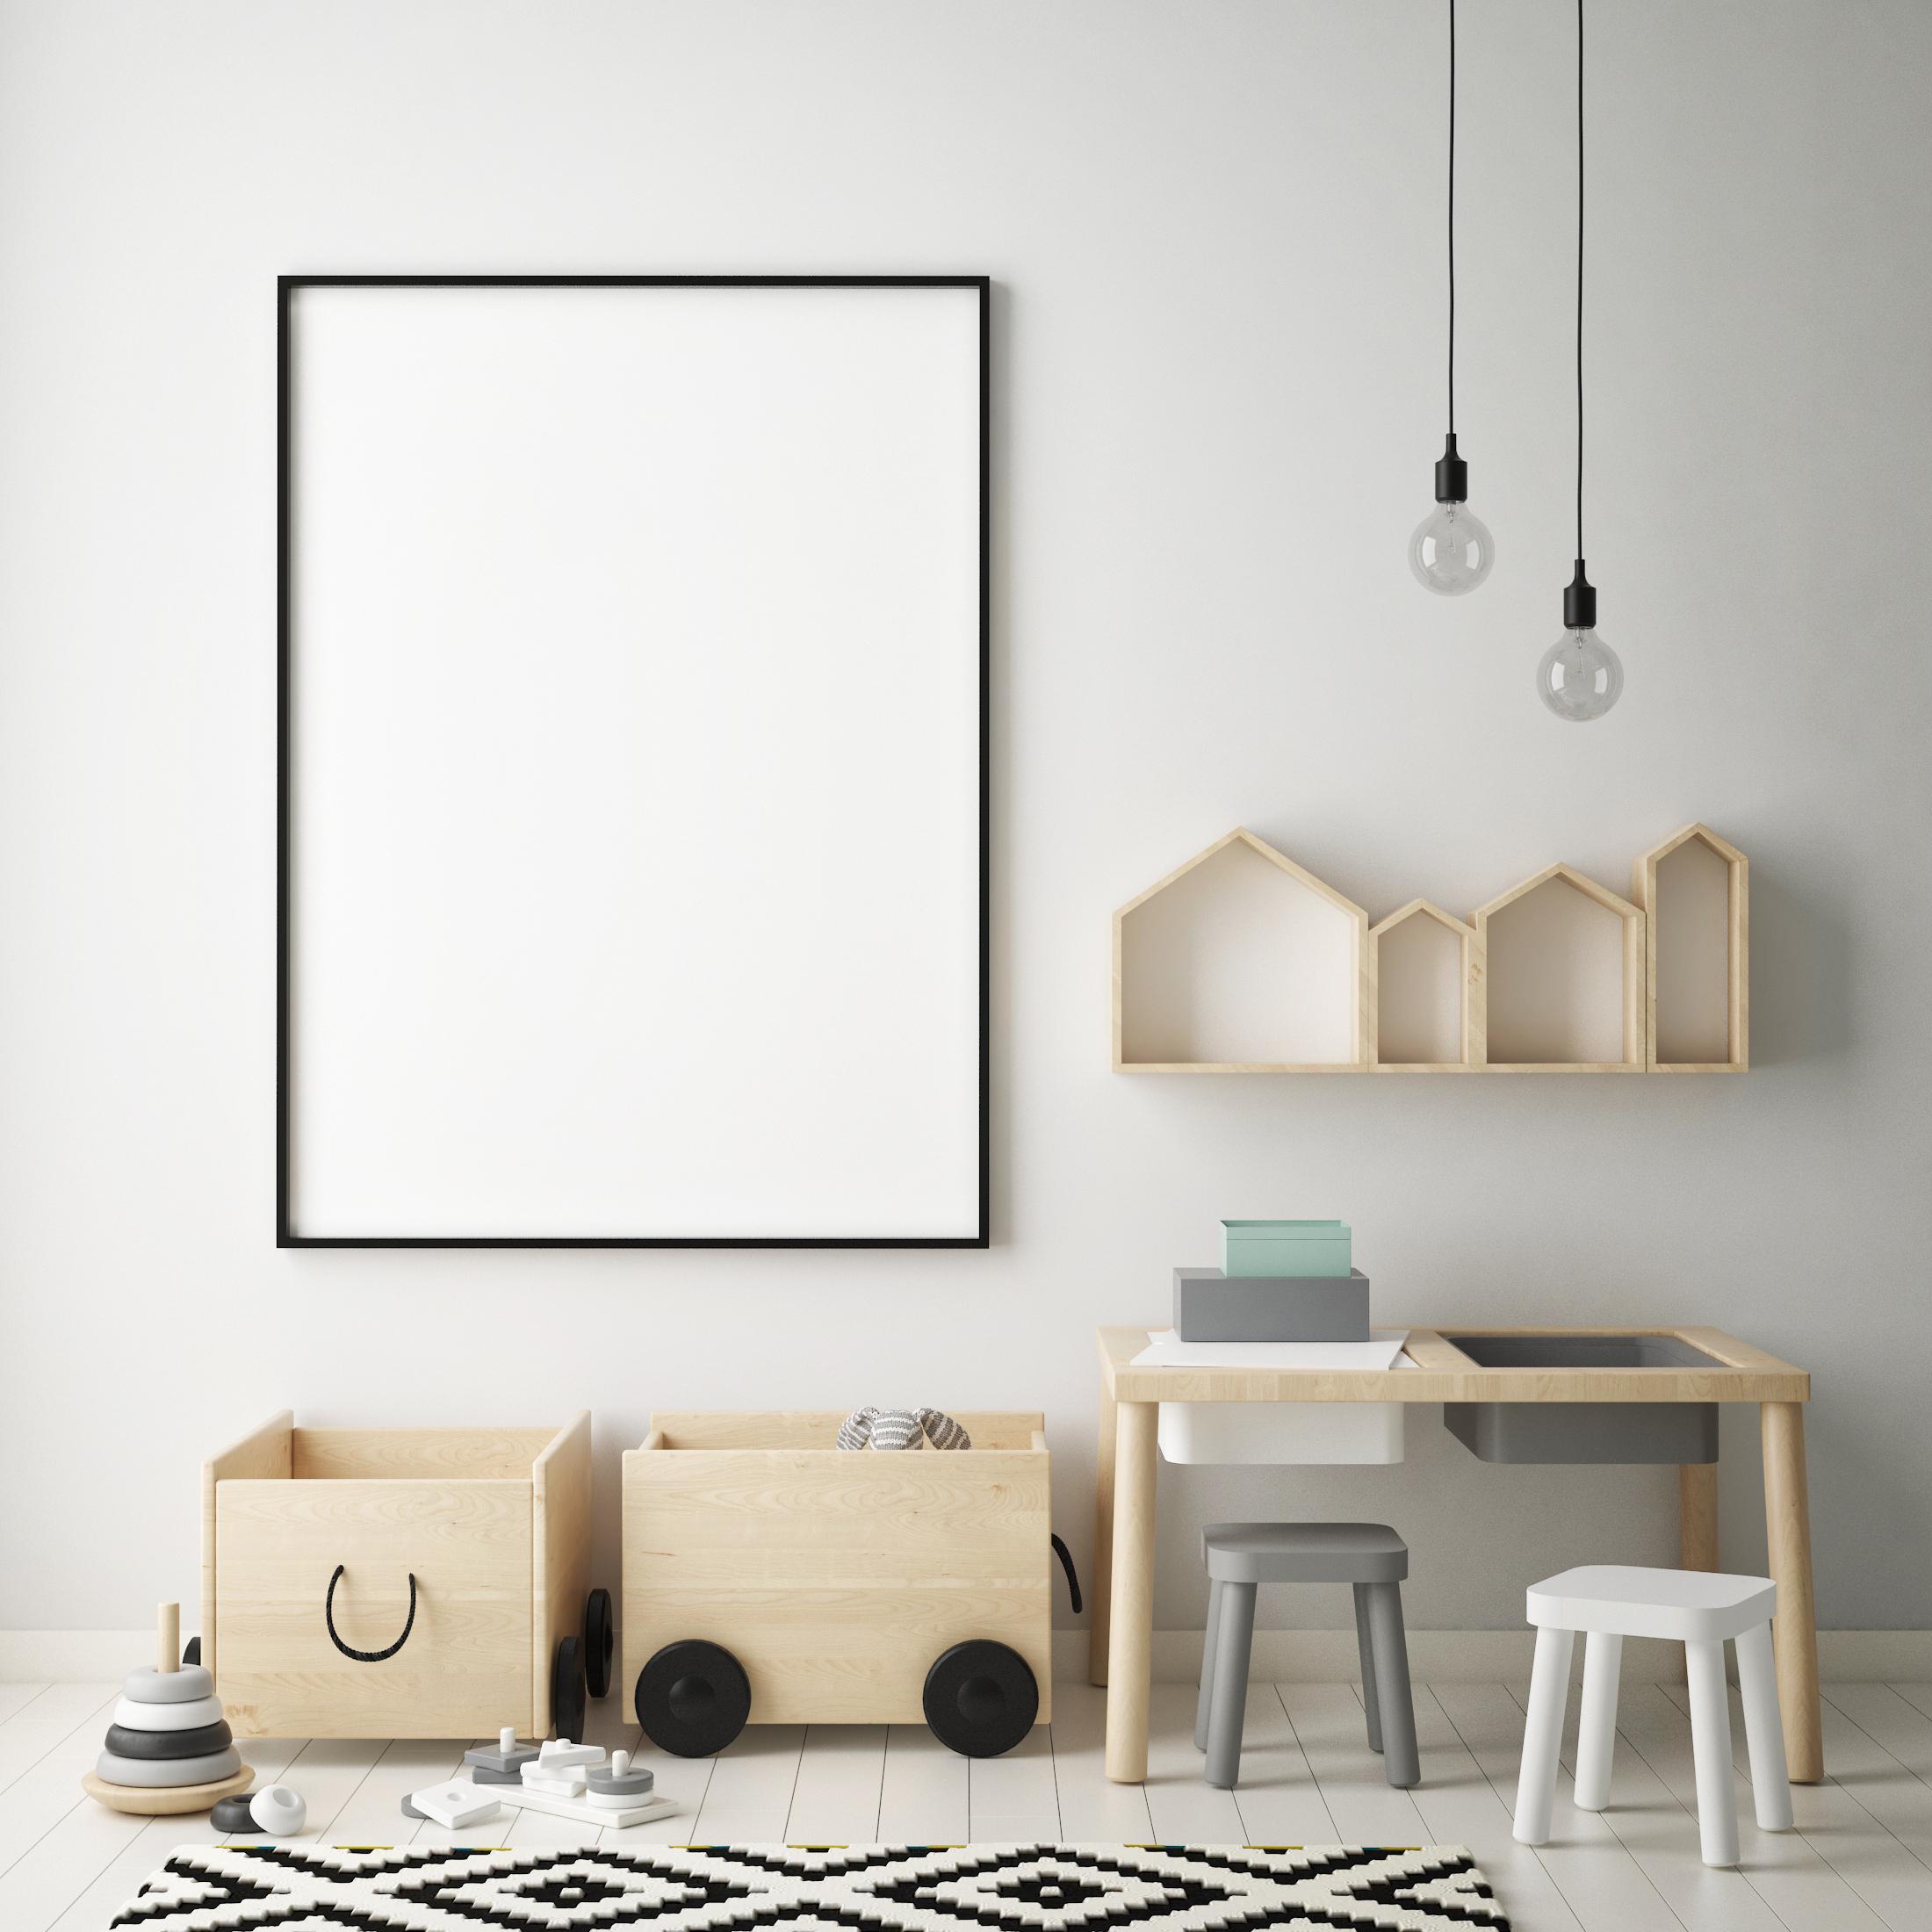 Не е задължително да боядисате детската стая в синьо или розово, да бъде претрупана от шарени плюшени играчки, килимчета. Може да създадете детско пространство, което да е удобно, практично и в същото време уютно, но в два или три основни цвята, които са по-семпли.